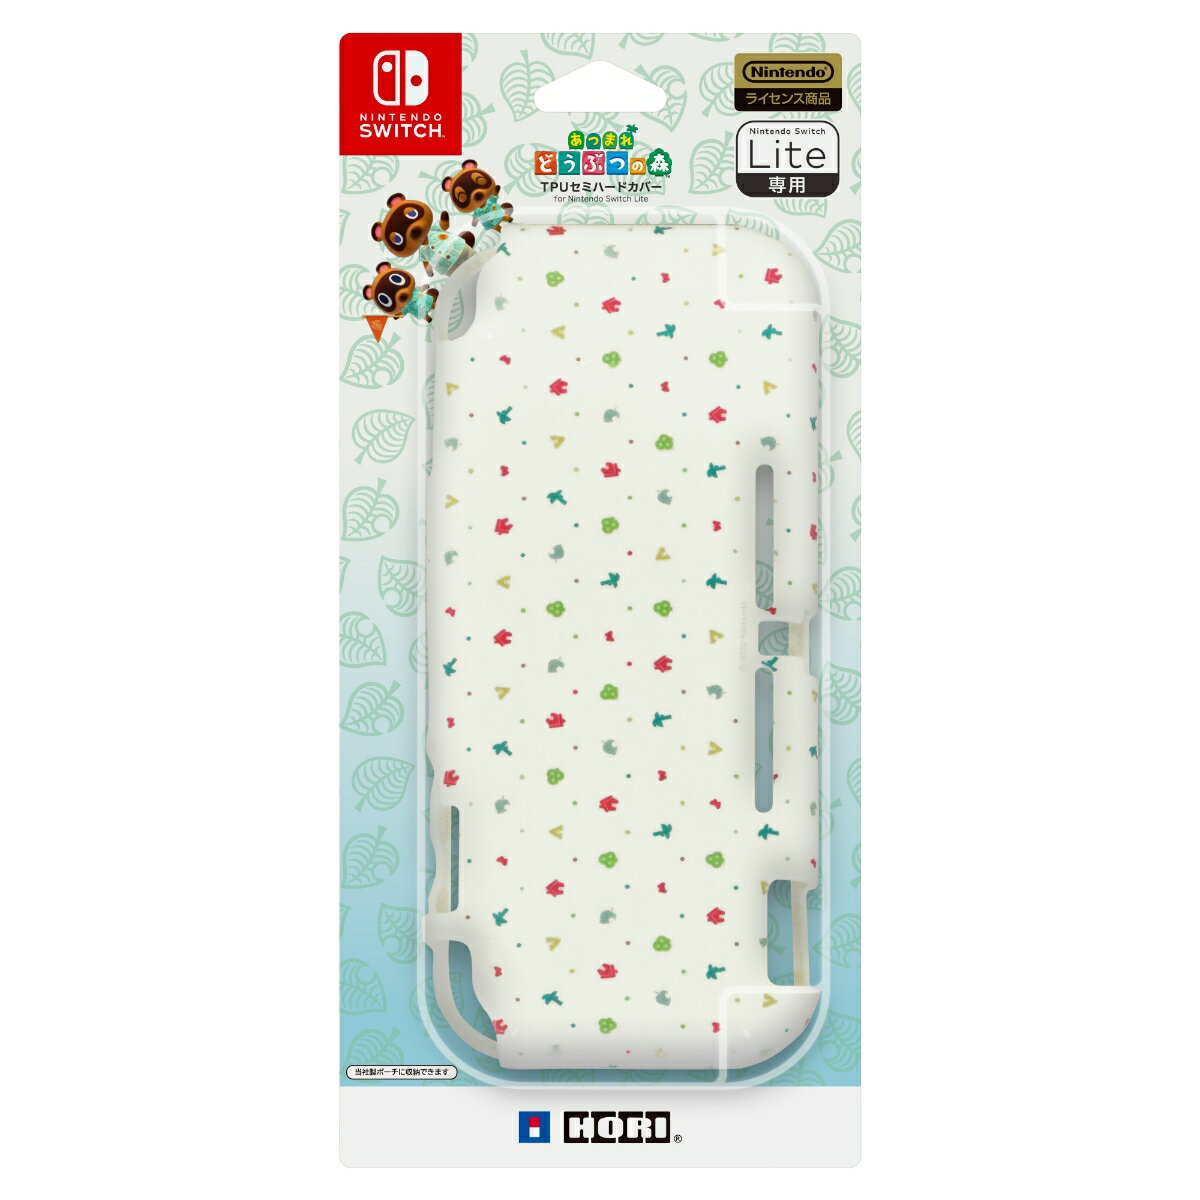 あつまれどうぶつの森 TPUセミハードカバー for Nintendo Switch Lite